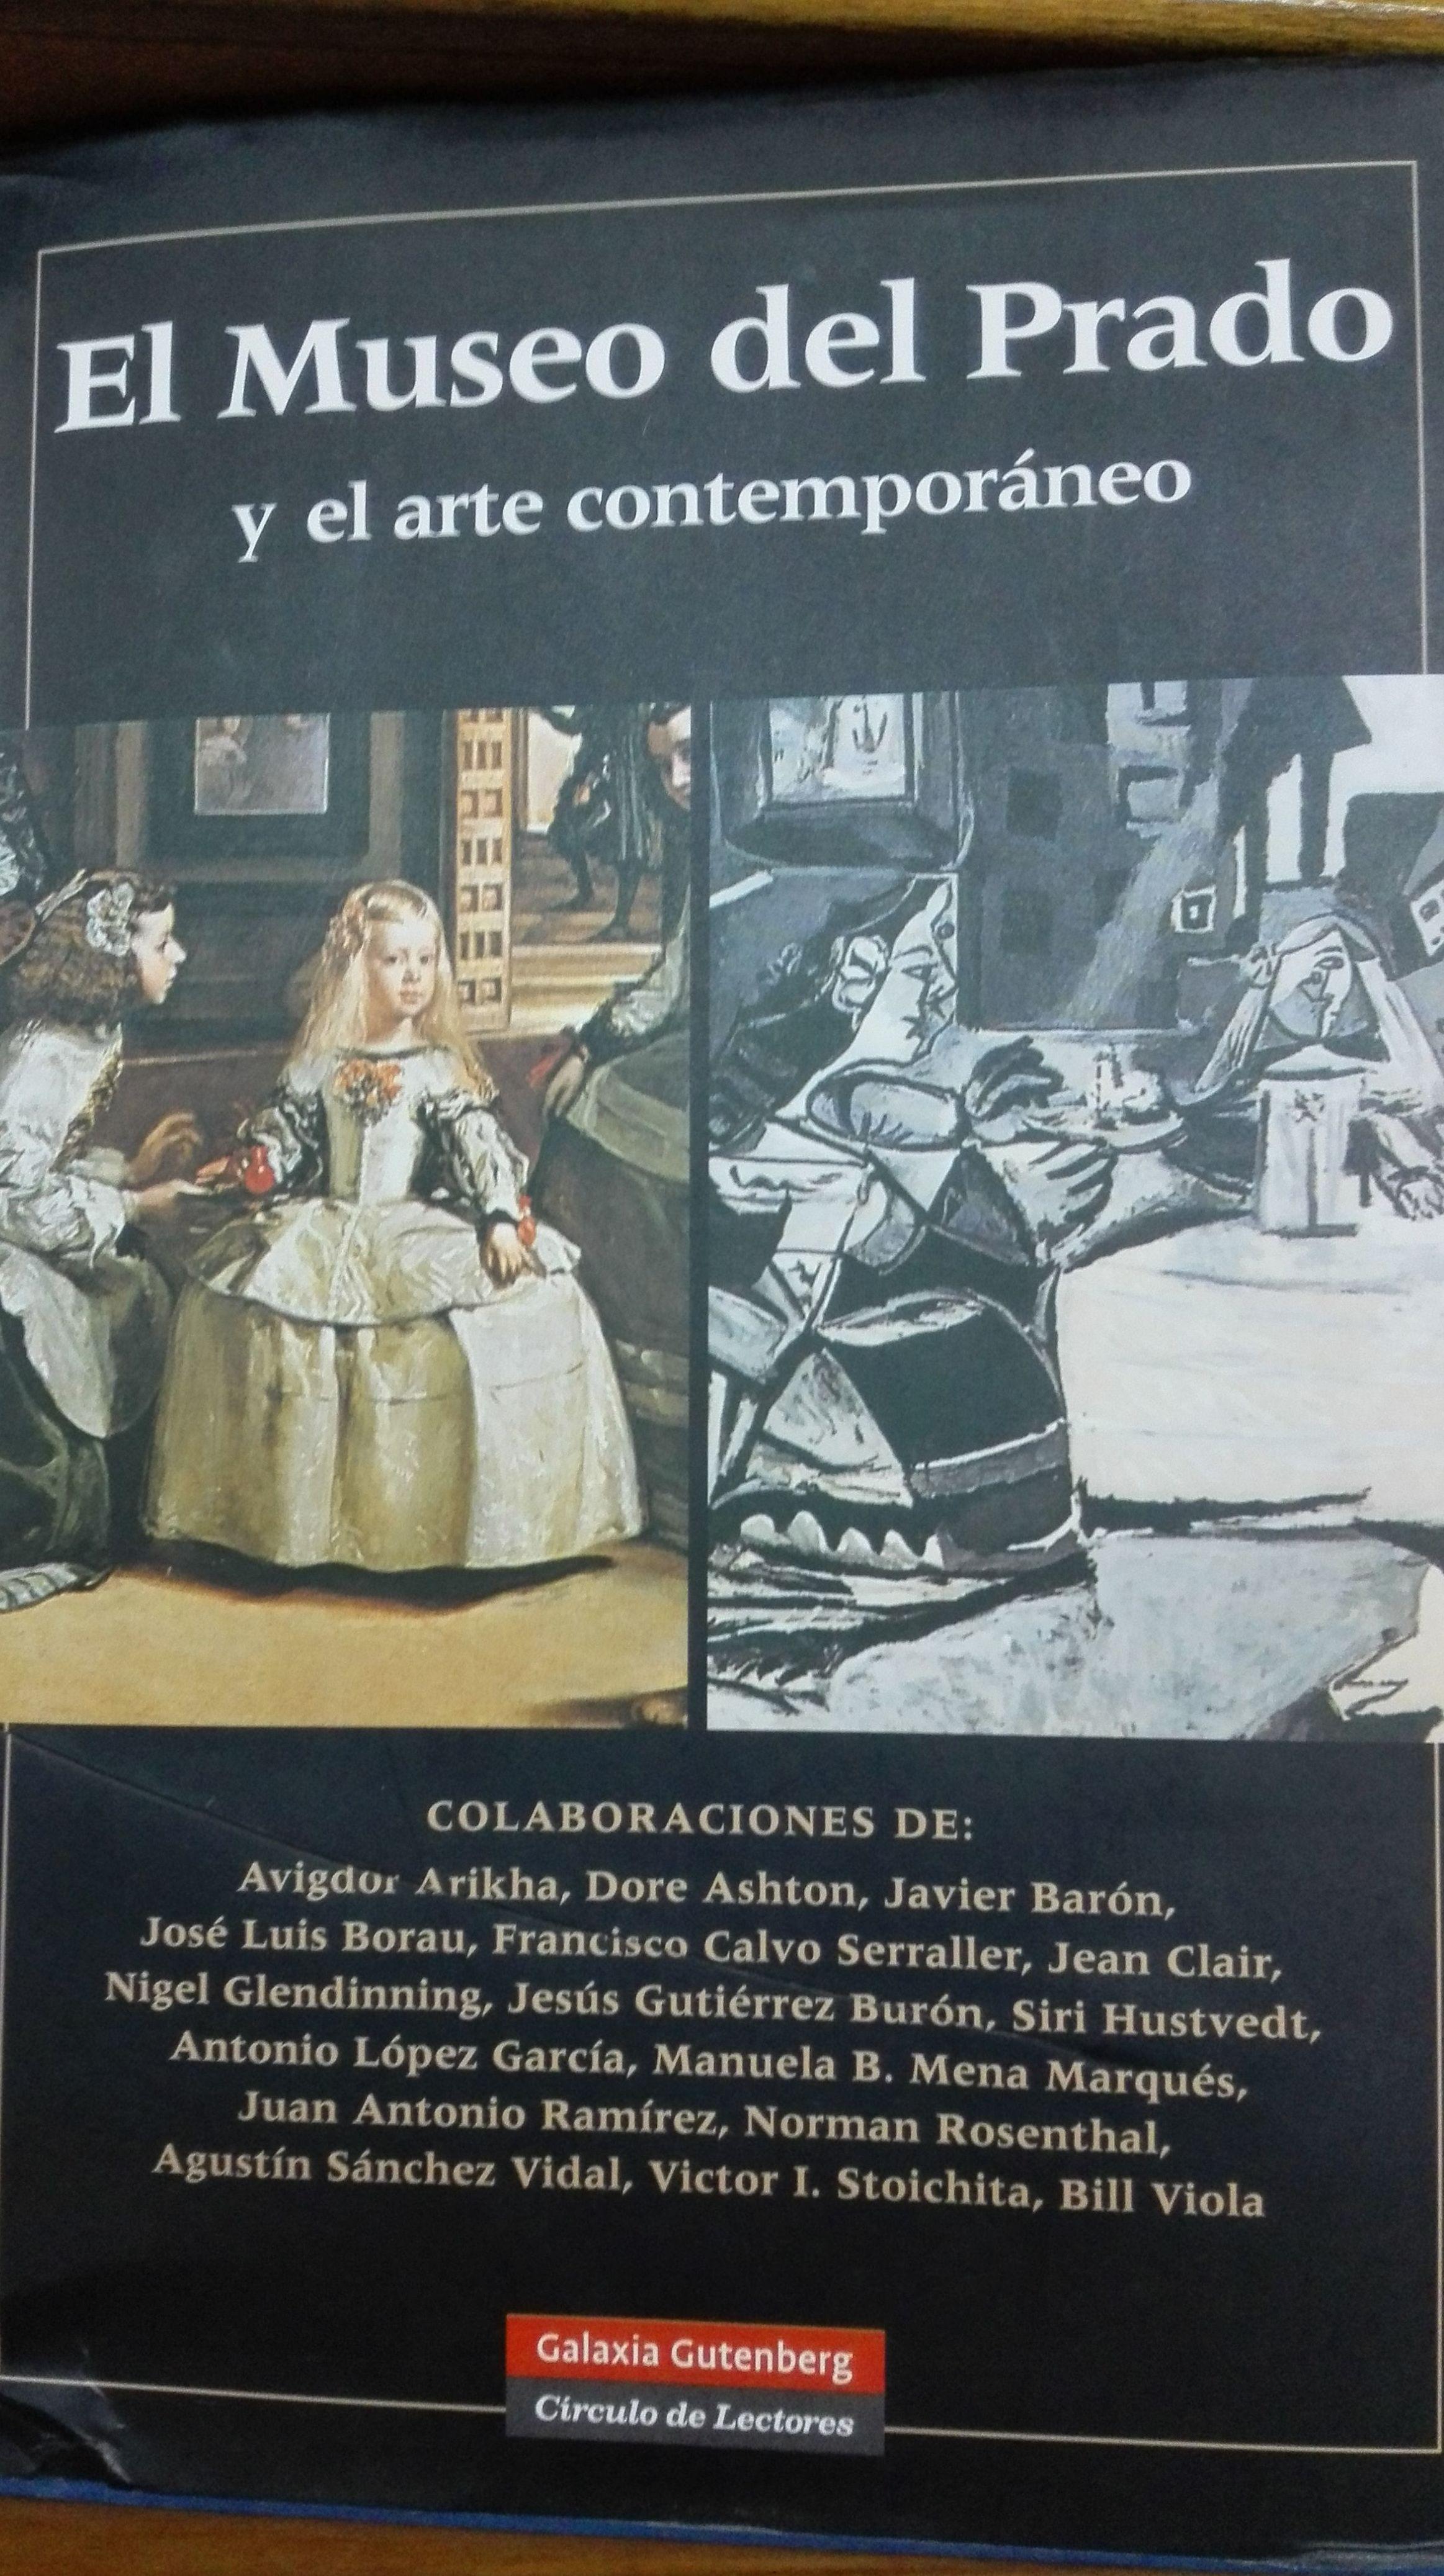 El museco del Prado y el arte contemporaneo